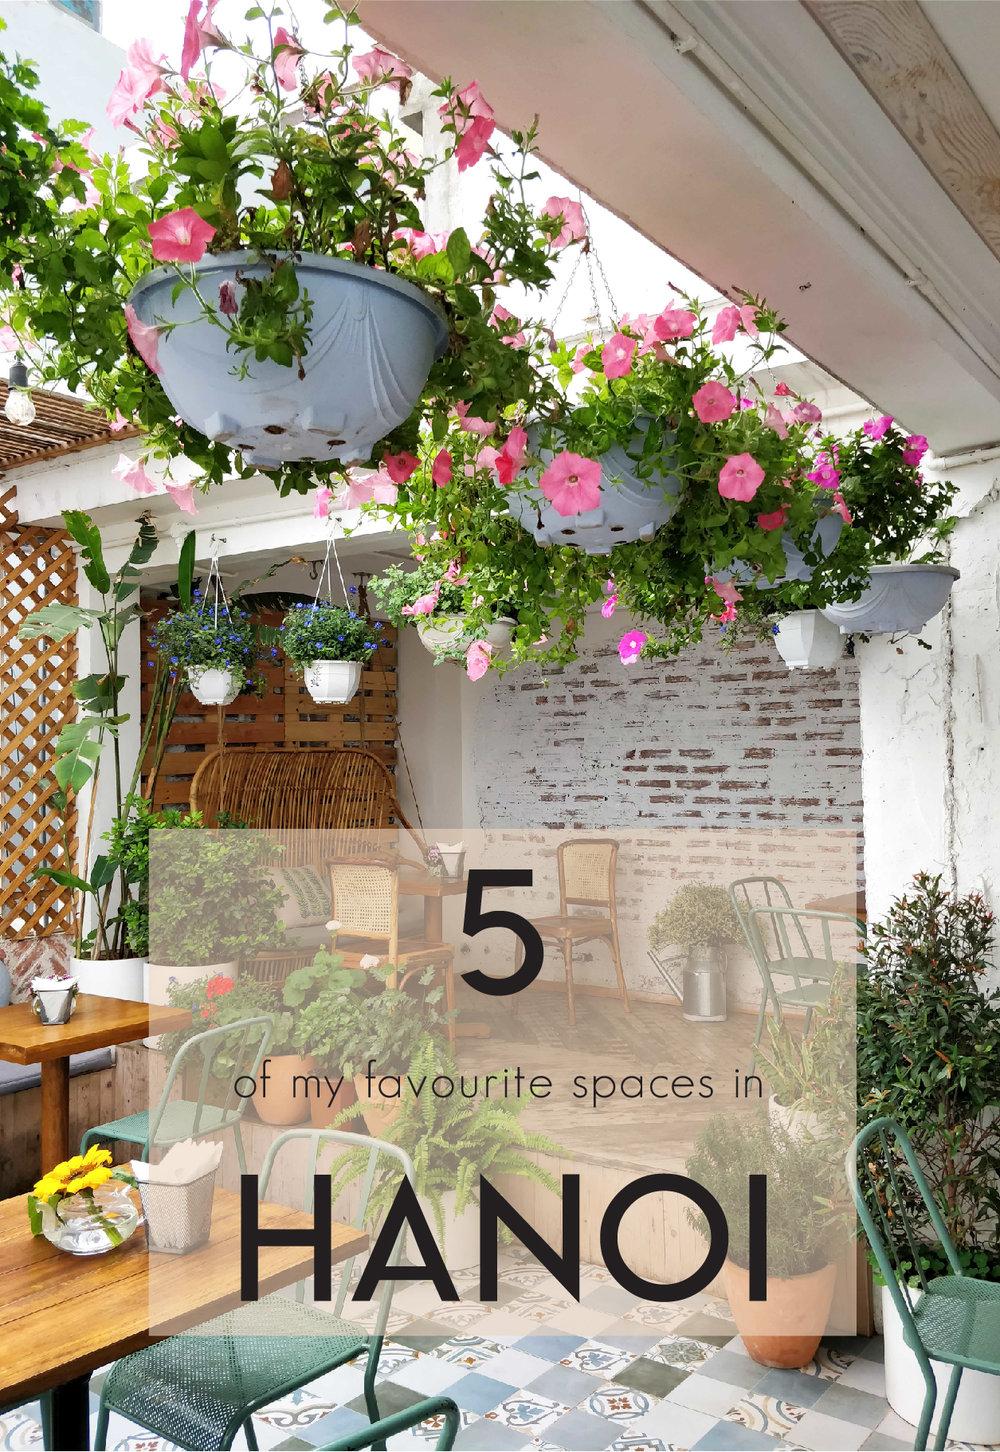 atotheme's 5 fav spots in Hanoi.jpg